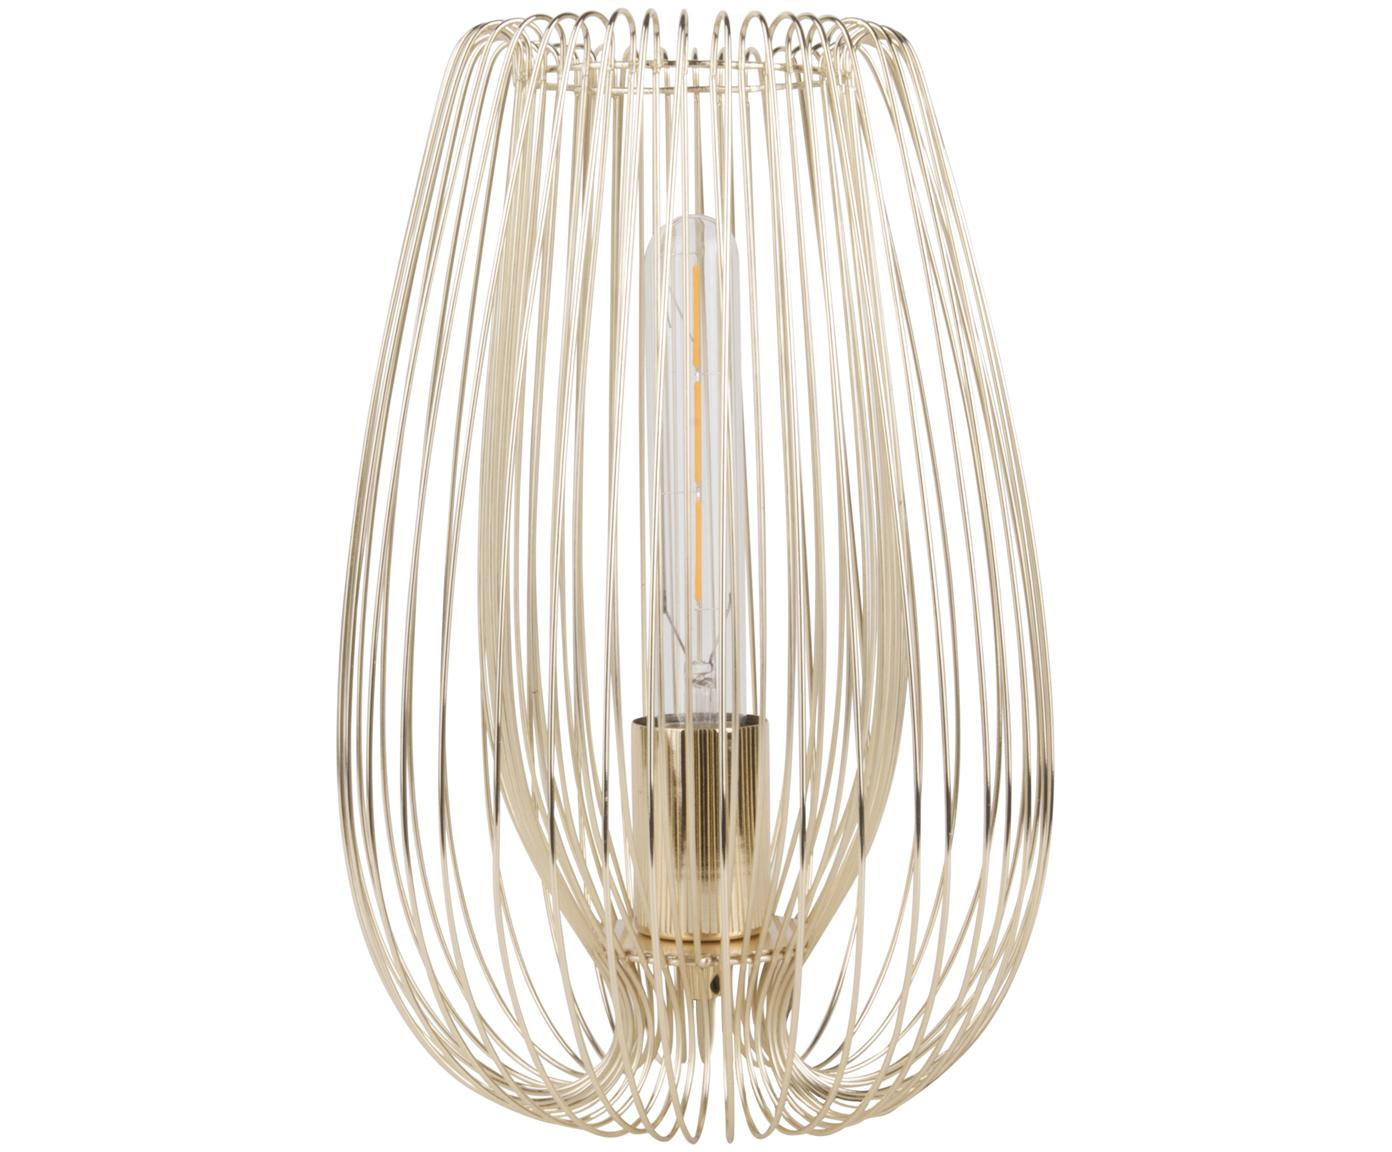 Retro tafellamp Lucid, Lamp: gelakt metaal, Messingkleurig, Ø 22 x H 33 cm